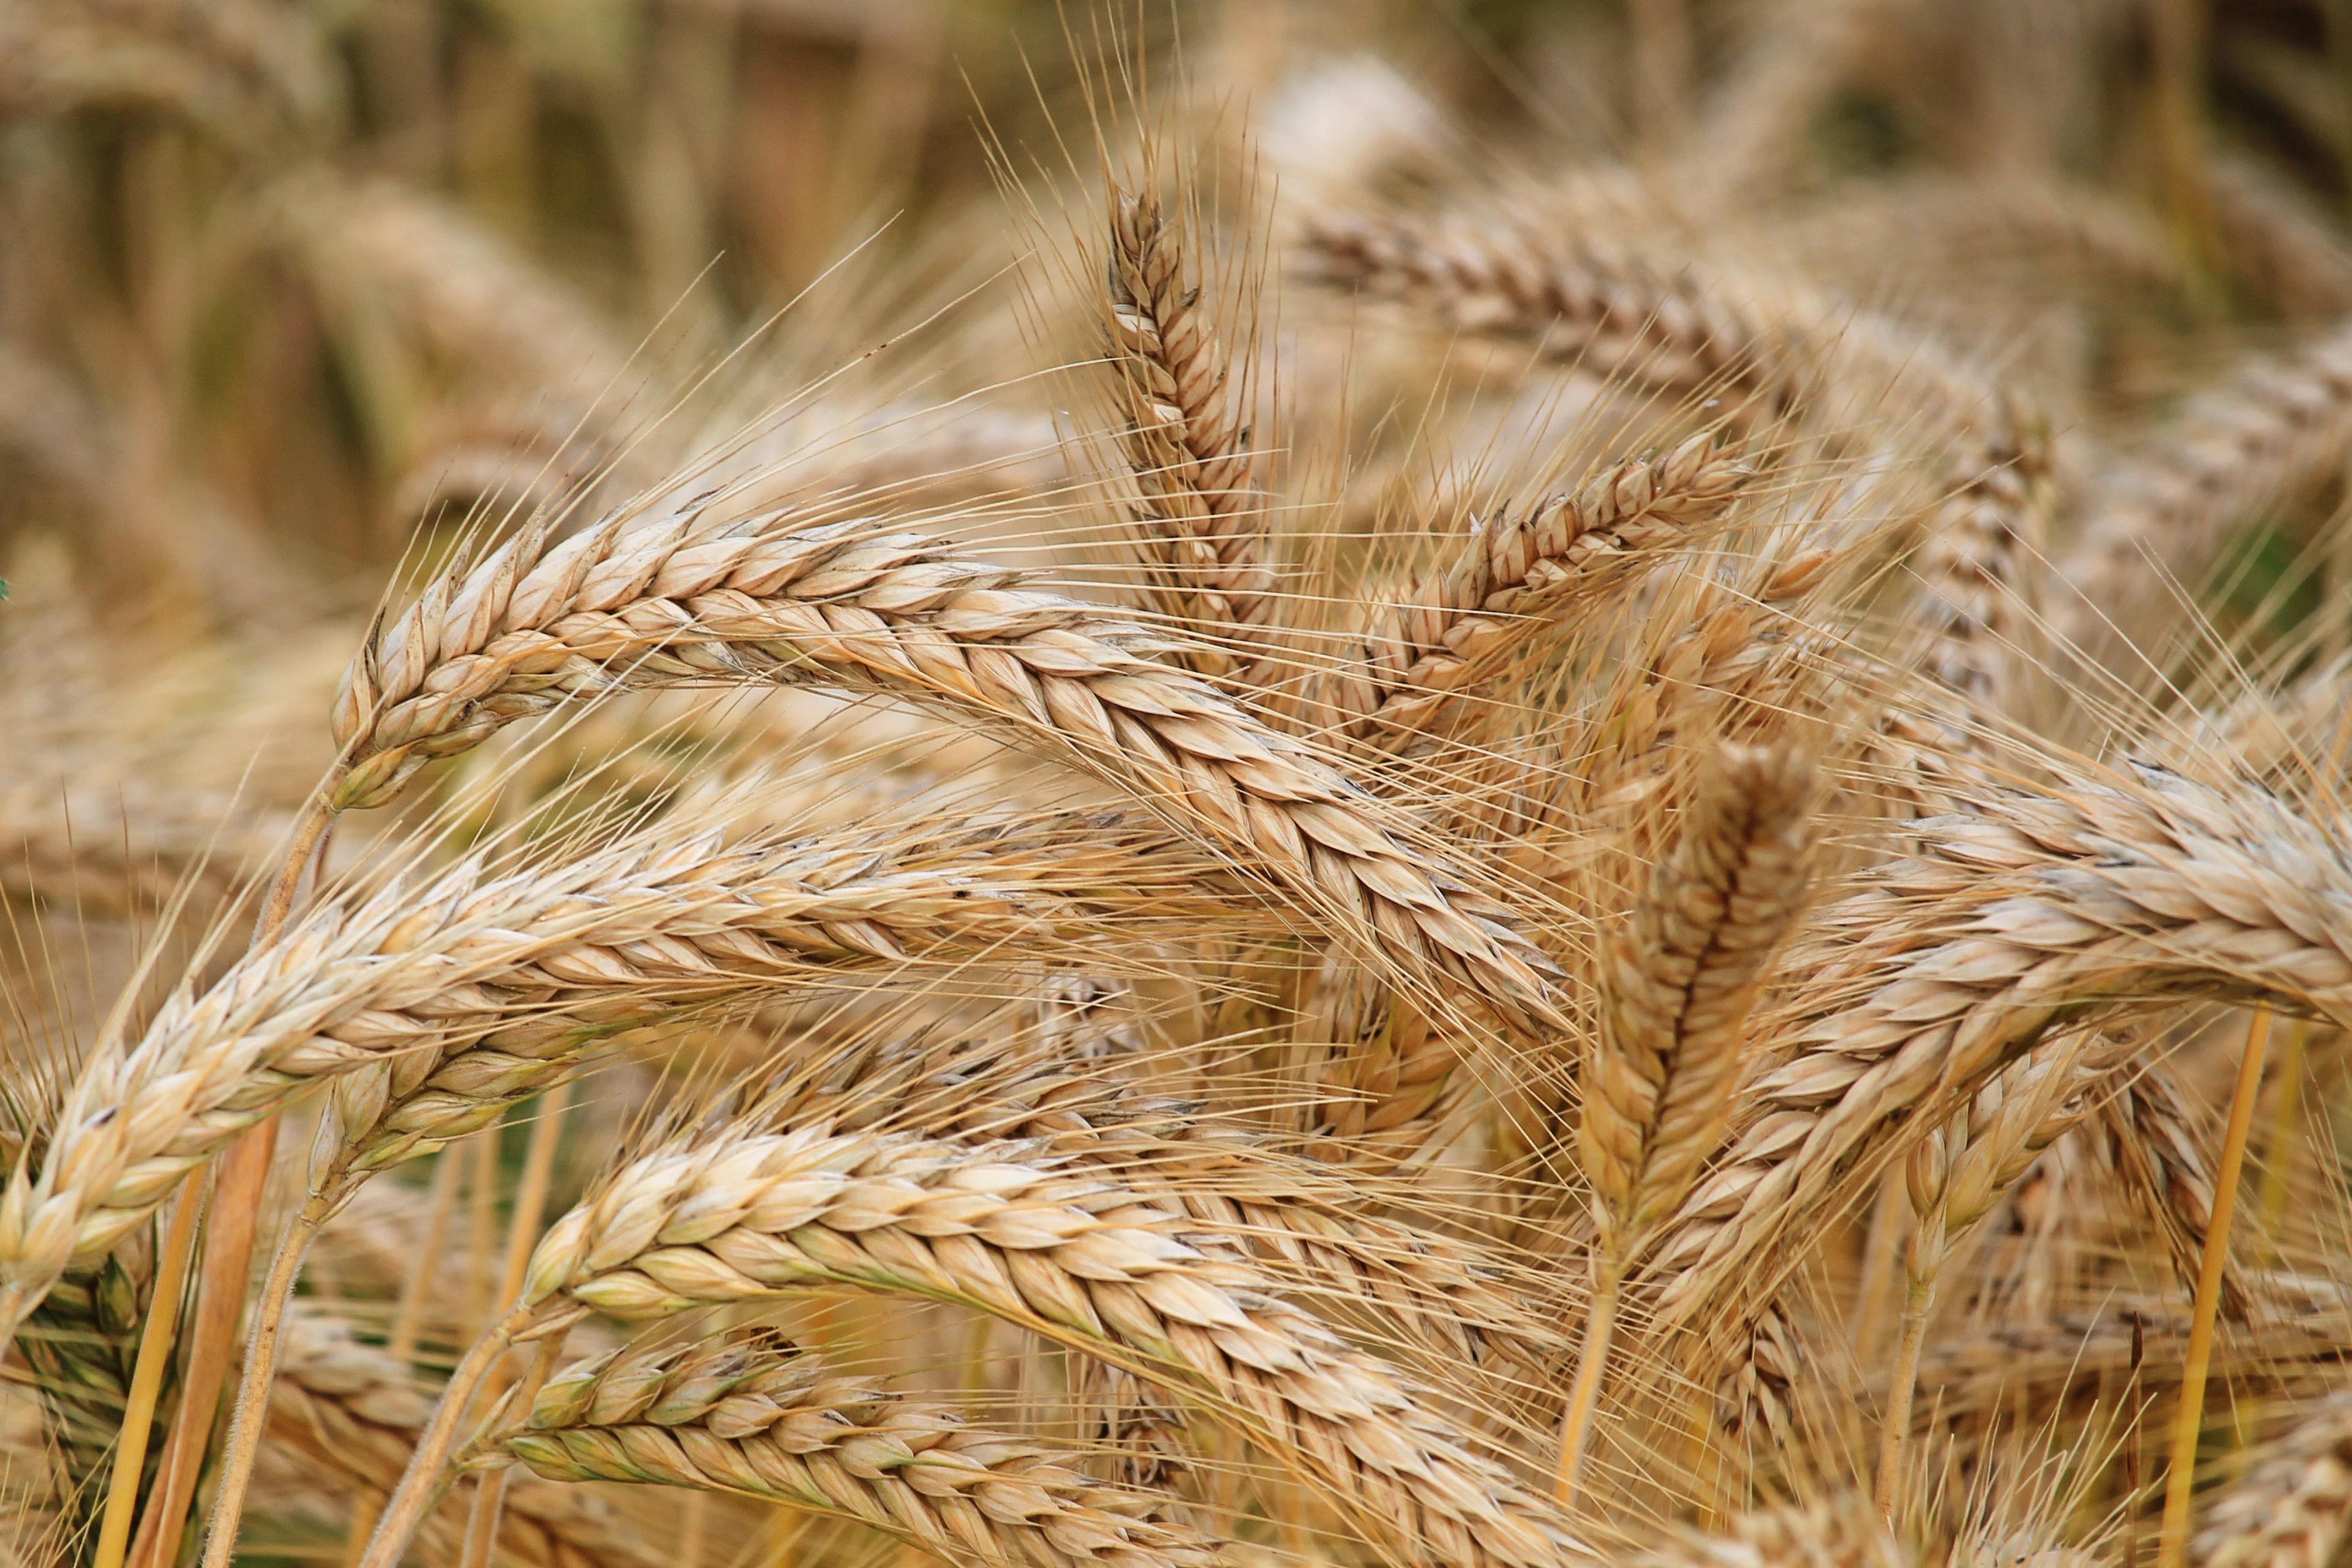 Čeští vědci vyvinuli ekologická hnojiva zvyšující výnosy obilovin